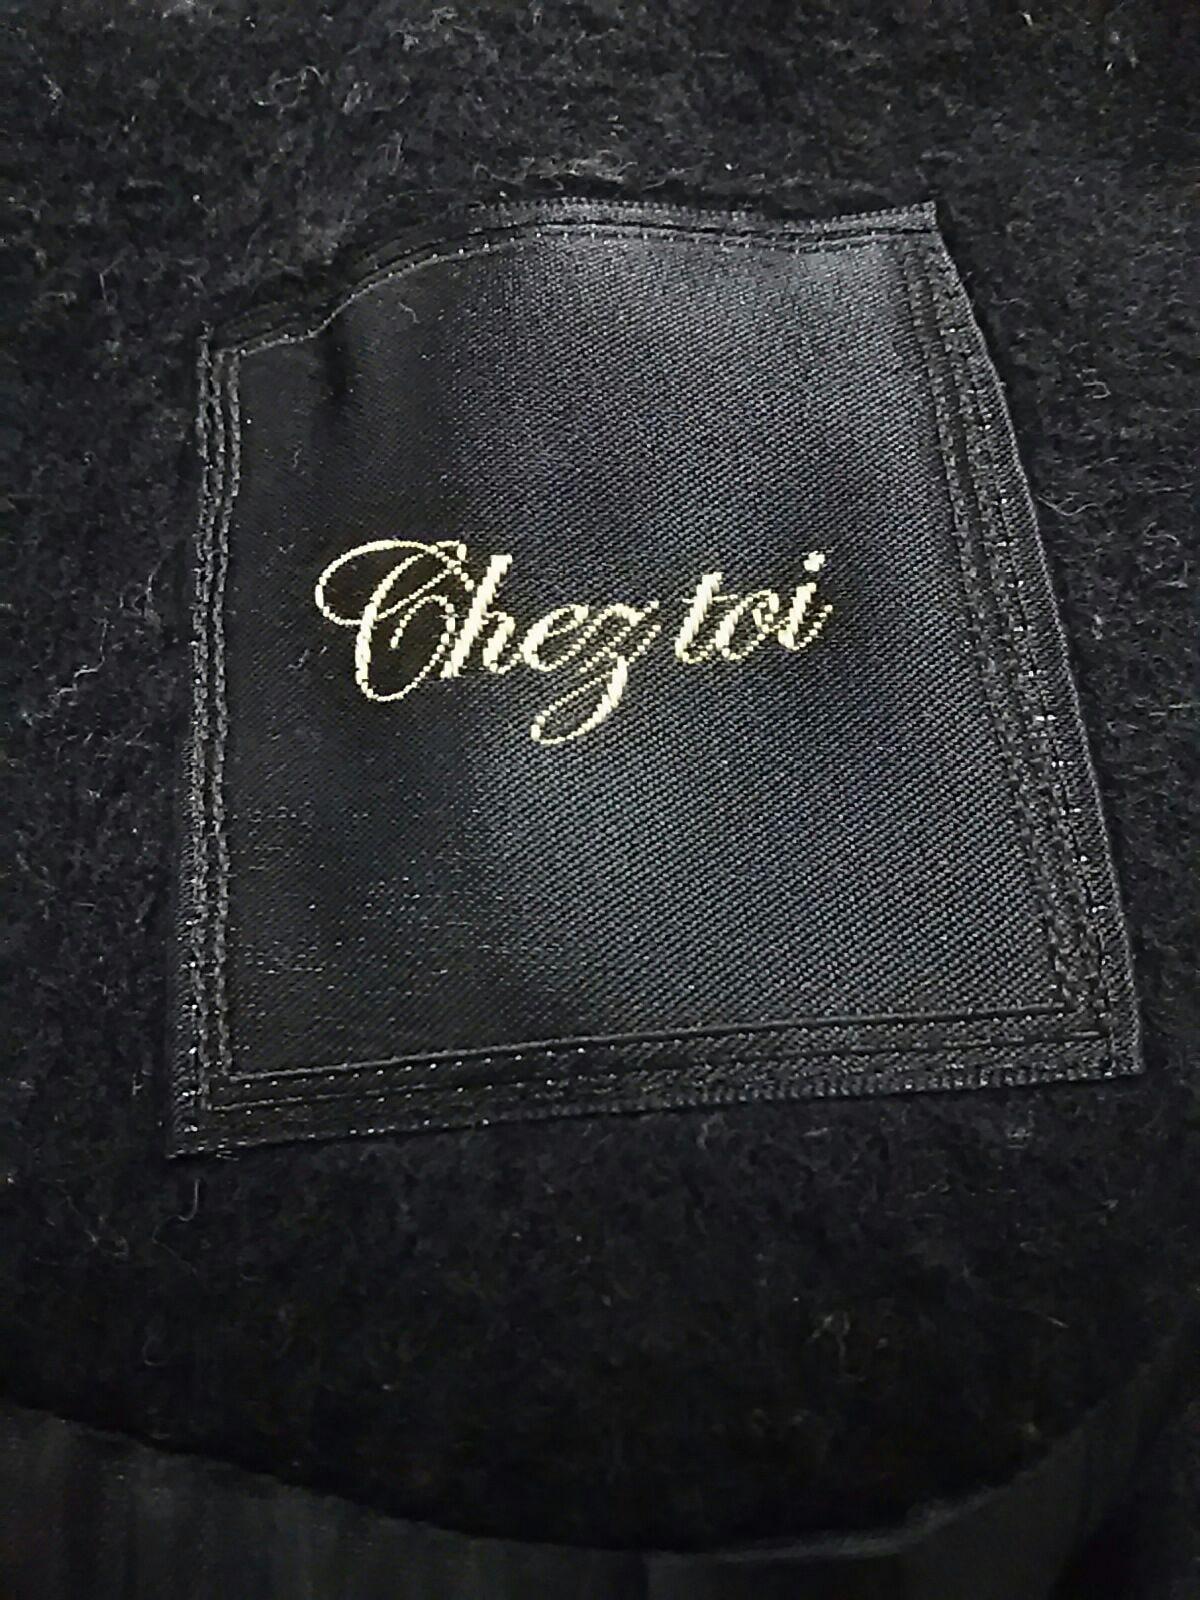 Chez toi(シェトワ)のコート